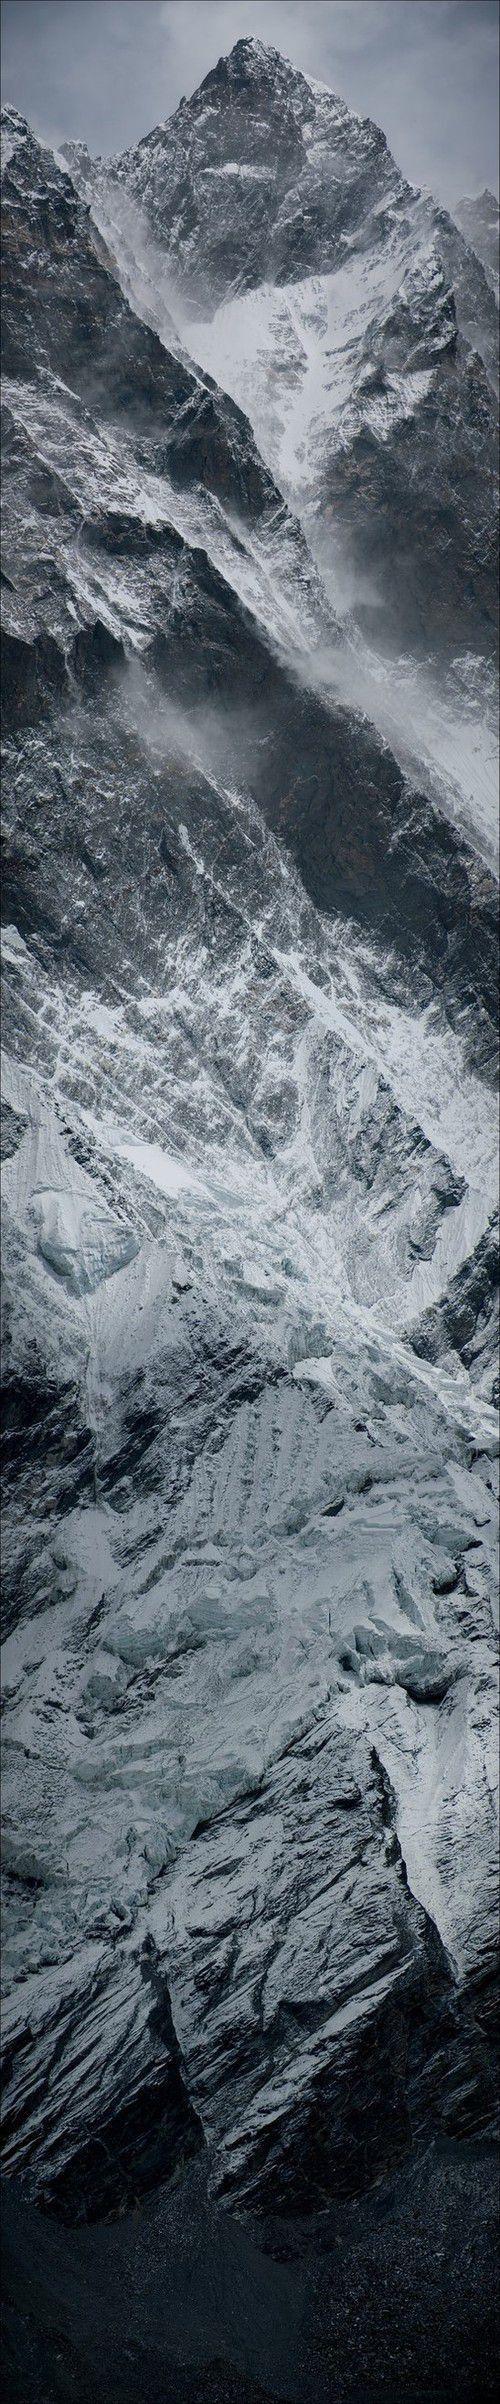 Il secondo giorno di cammino comparvero, in fondo alla valle, le vette dell'Himalaya. Allora vidi cos'erano state le montagne all'alba del mondo. Montagne acuminate, taglienti, come appena scolpite dalla creazione, ancora non levigate dal tempo. Le loro nevi illuminavano la valle da sei o settemila metri d'altezza.